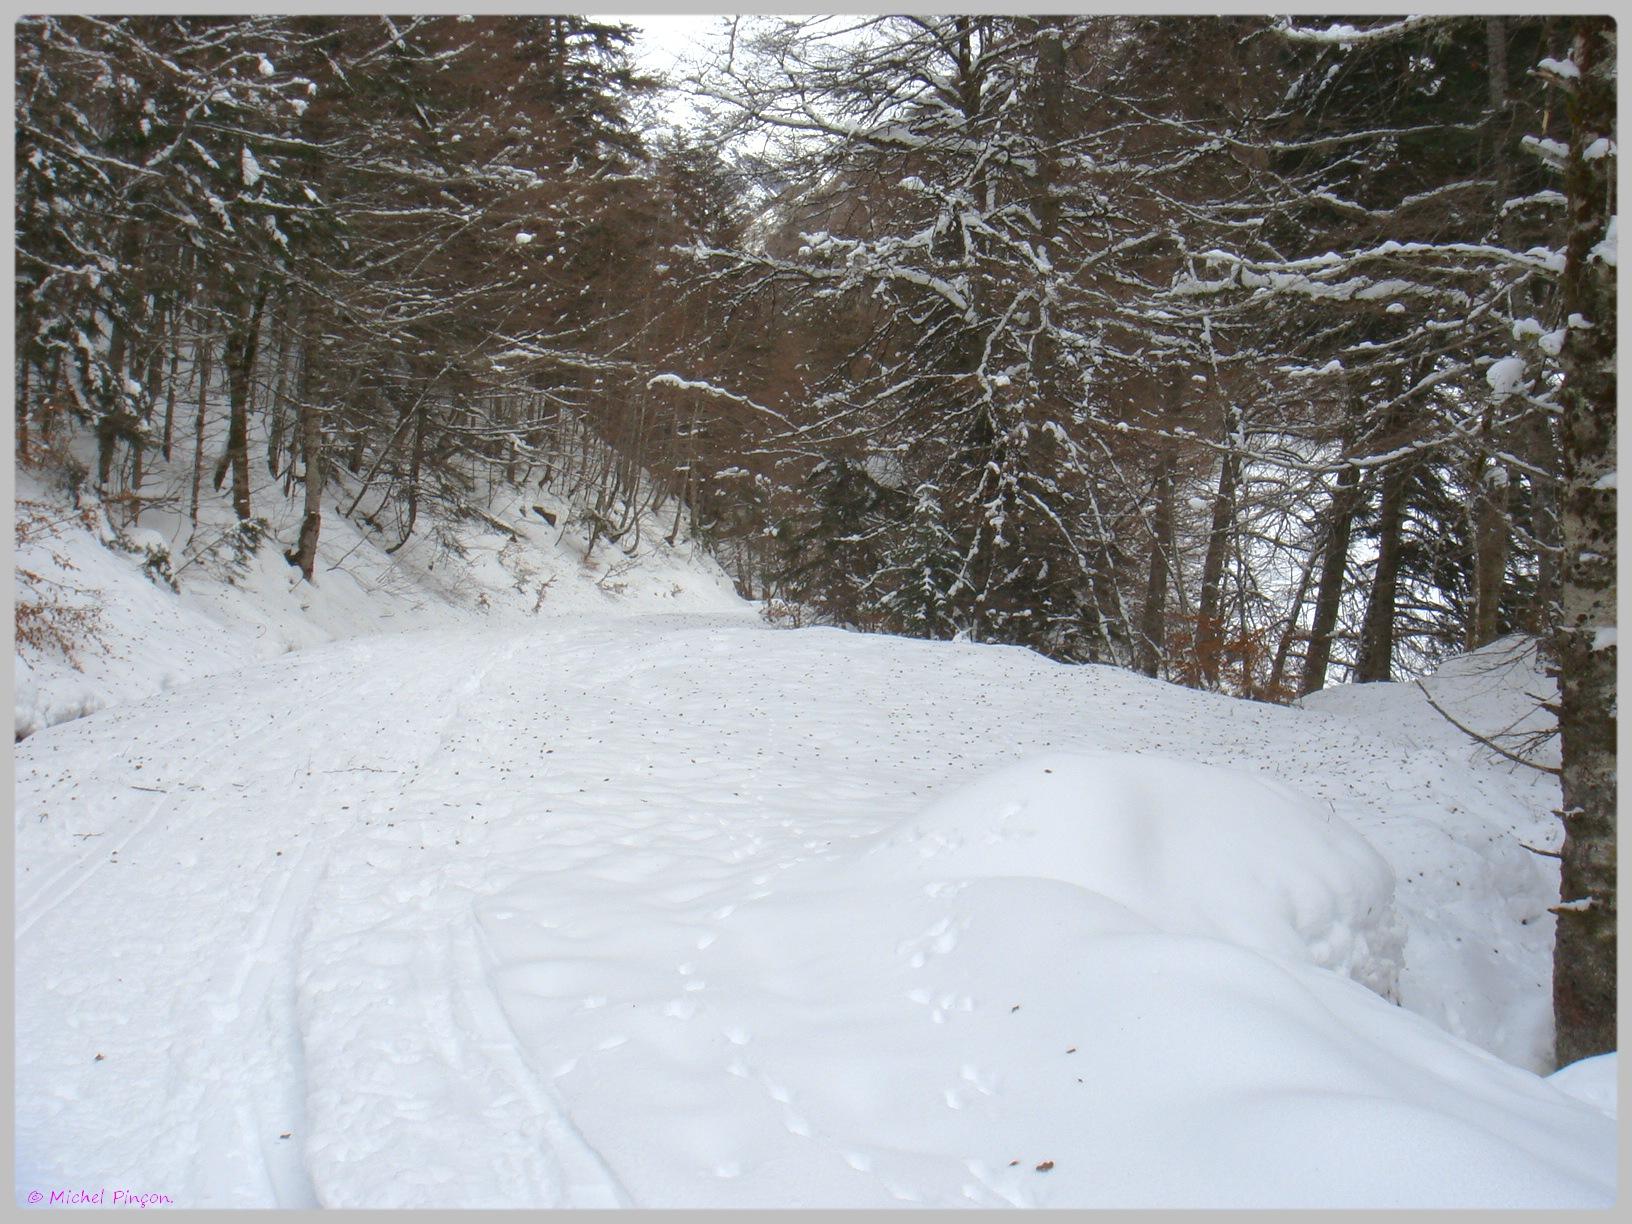 Une semaine à la Neige dans les Htes Pyrénées - Page 2 549464DSC011868